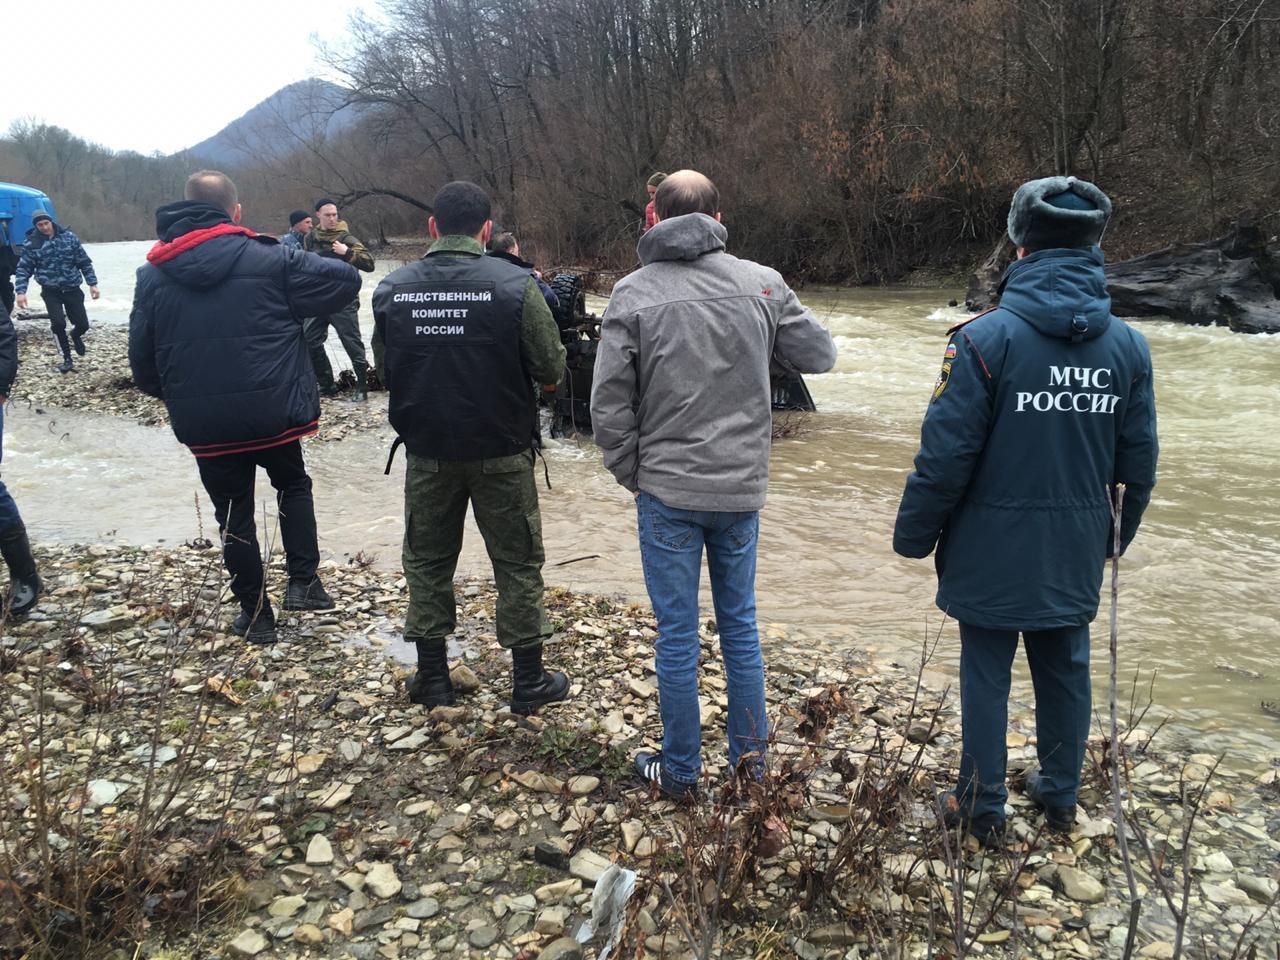 В Краснодарском крае два человека погибли во время переправы через реку